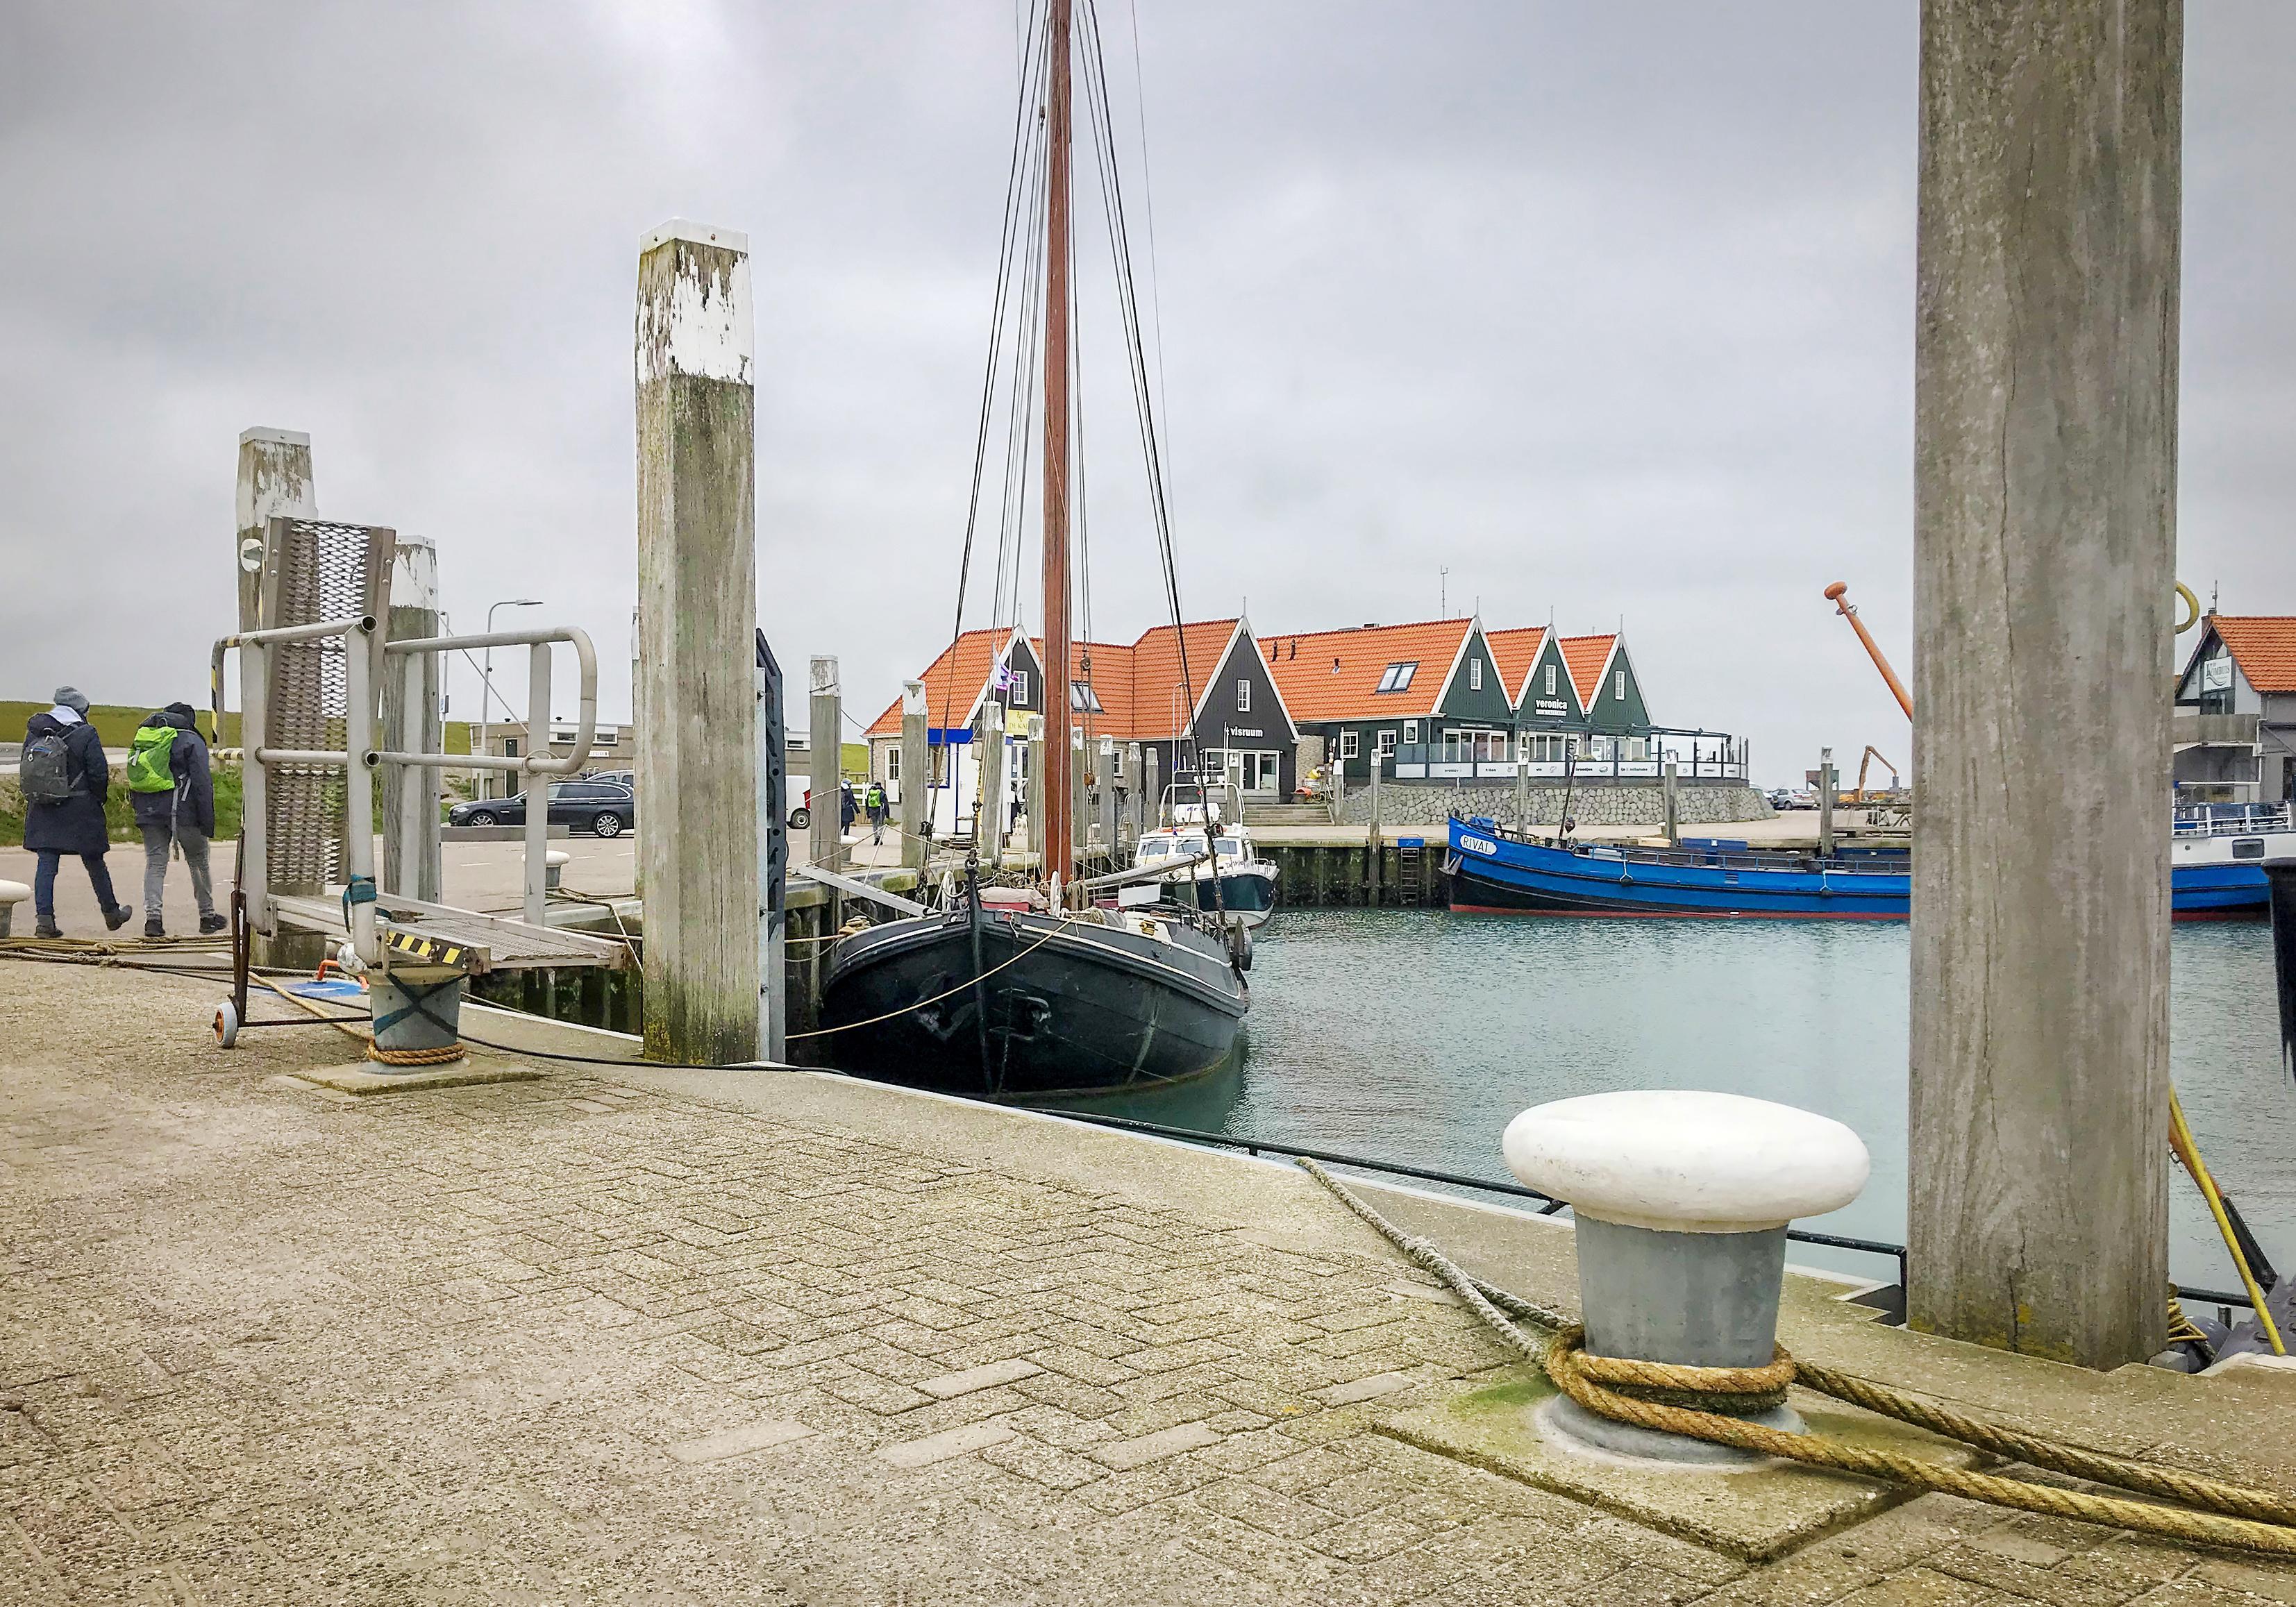 Politie is klaar met klachten: zwemmen in haven Oudeschild is verboden. Een duik nemen kan je 140 euro kosten